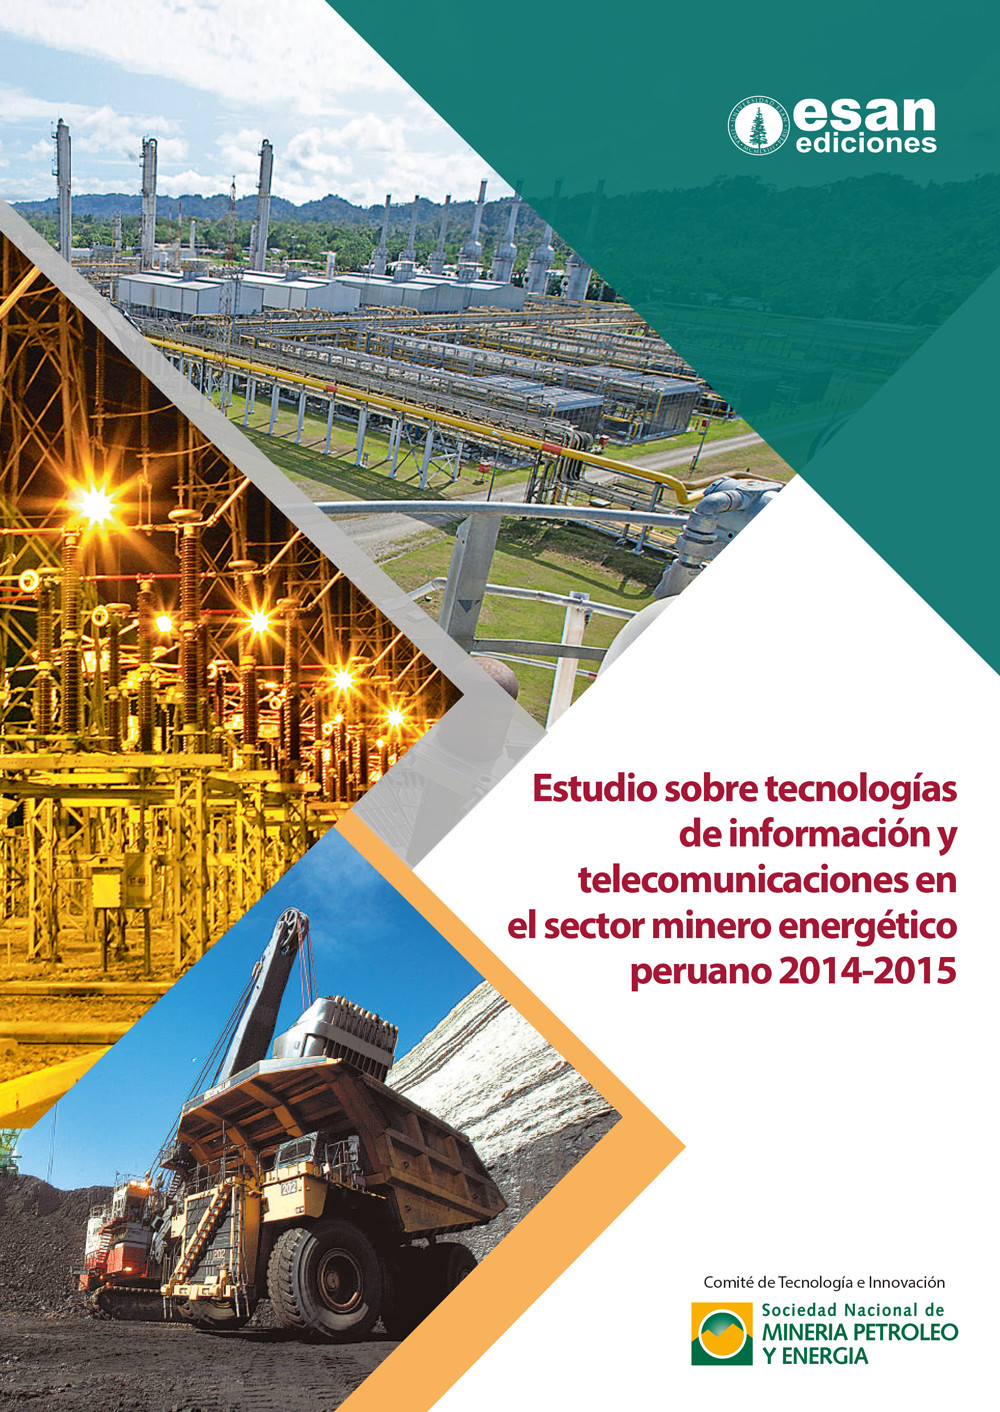 Estudio sobre tecnologías de información y telecomunicaciones en el sector minero energético peruano 2014-2015